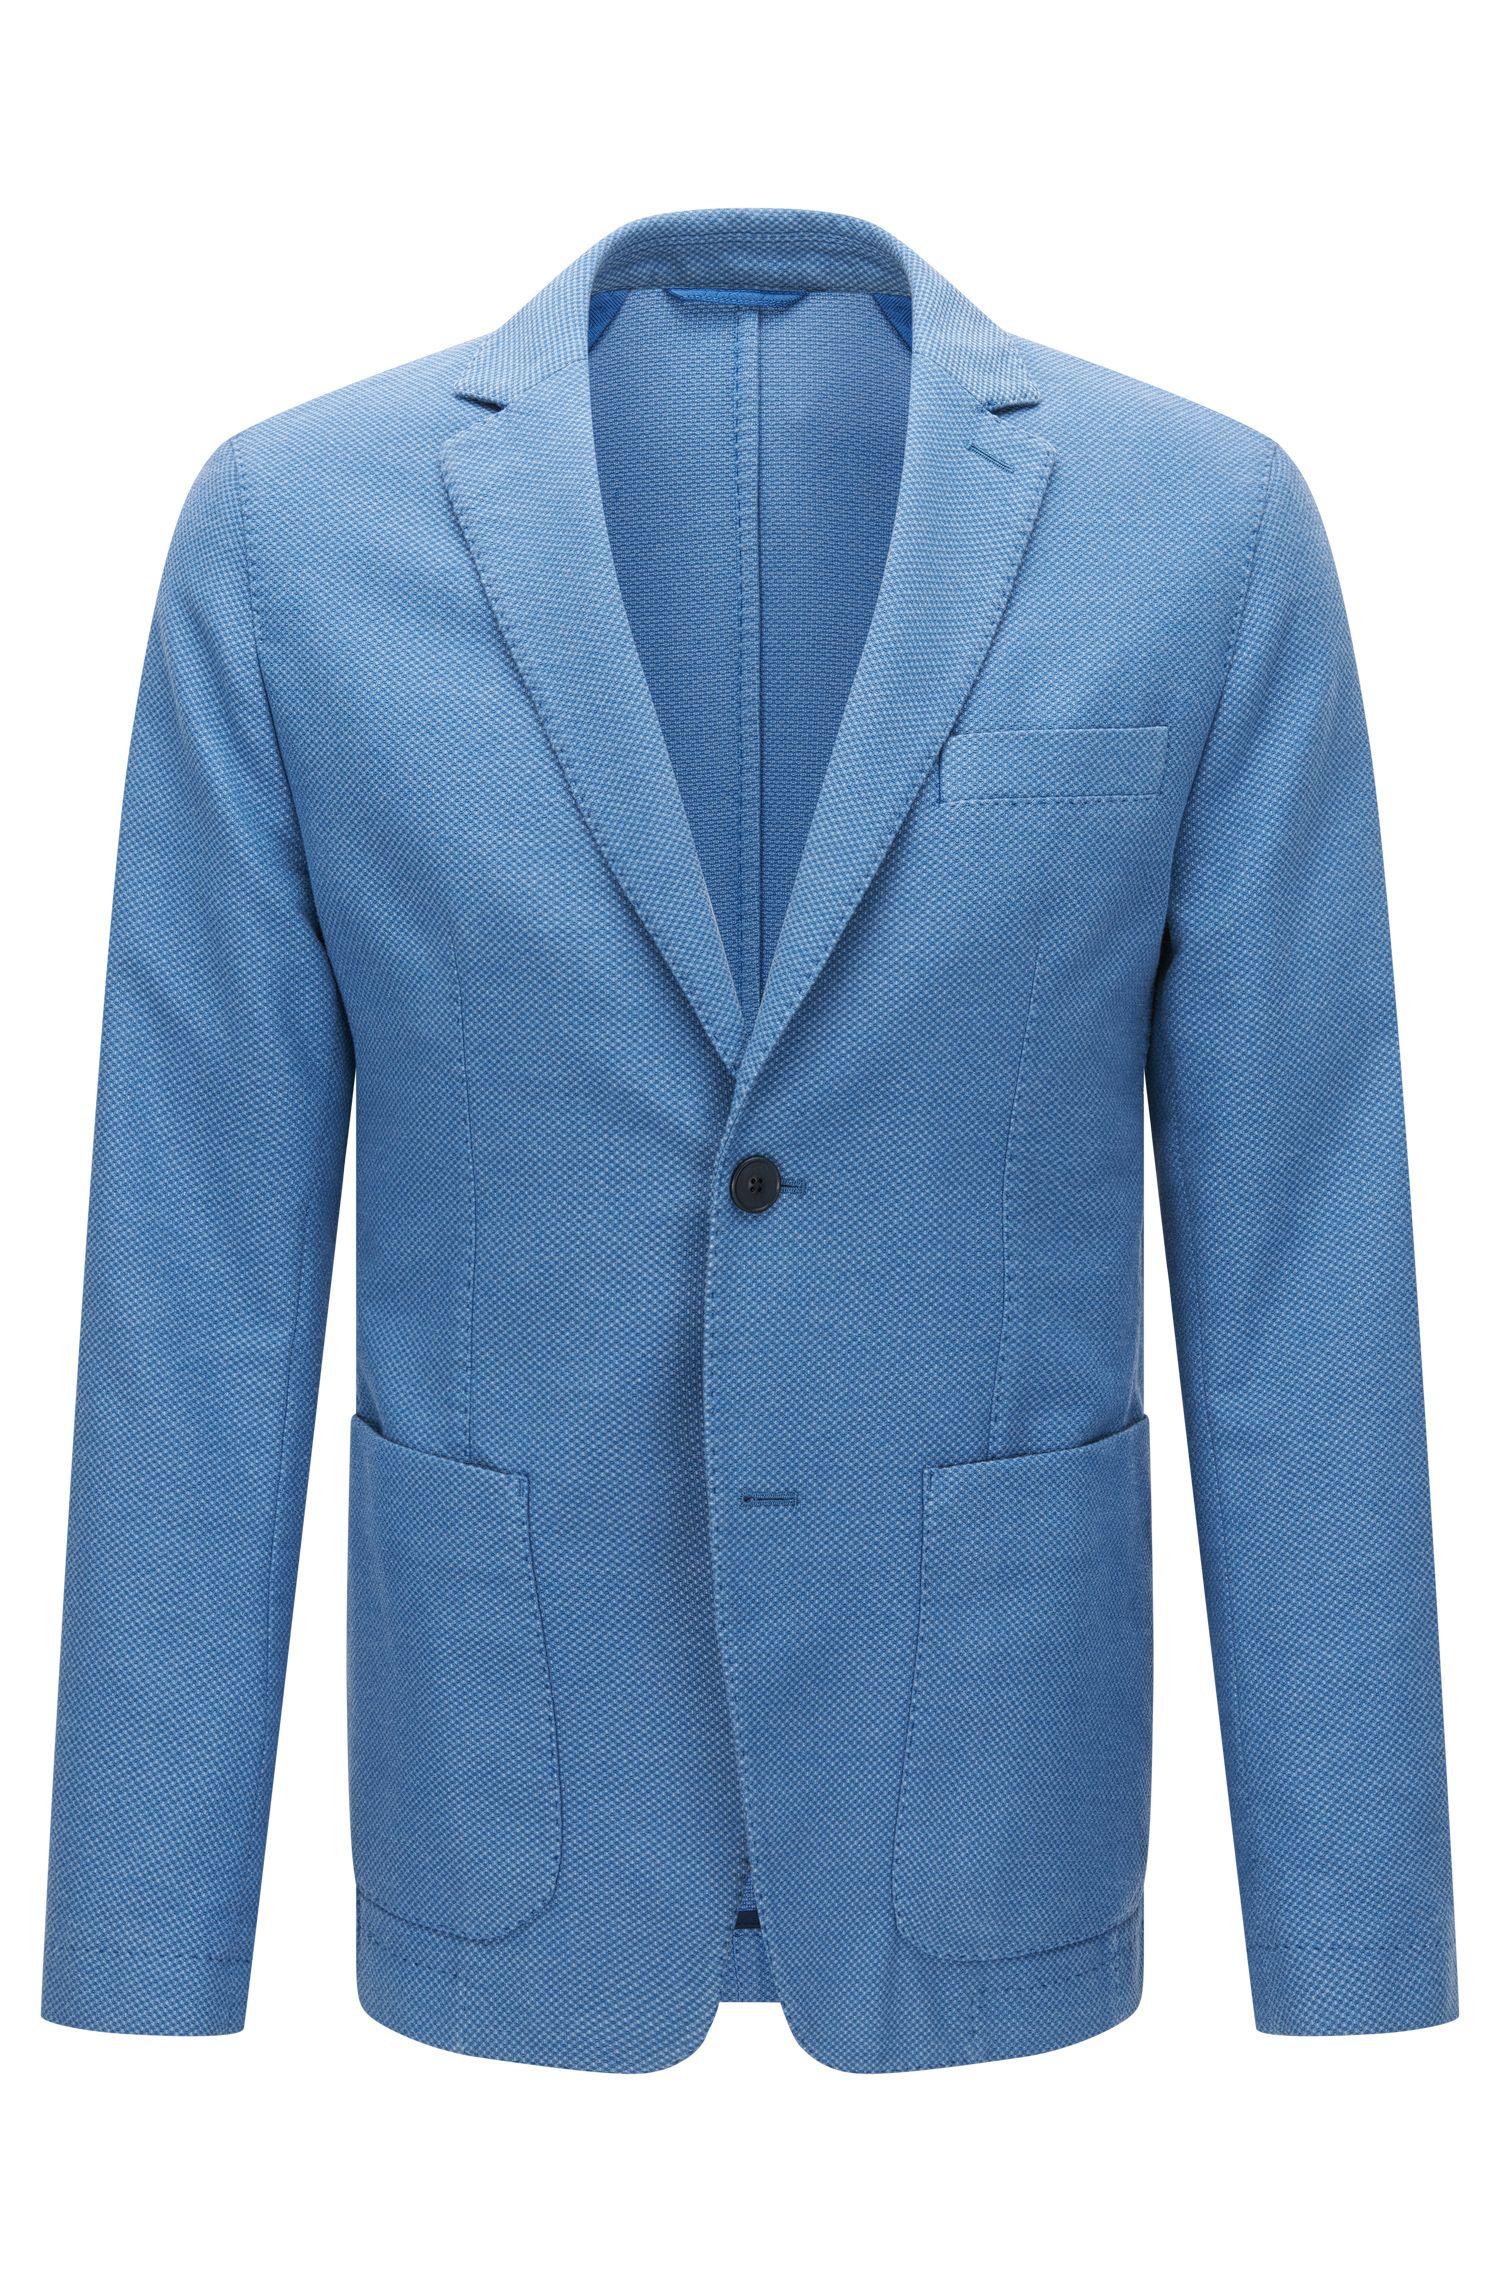 Veste de costume Slim Fit, en tissu texturé teint en pièce